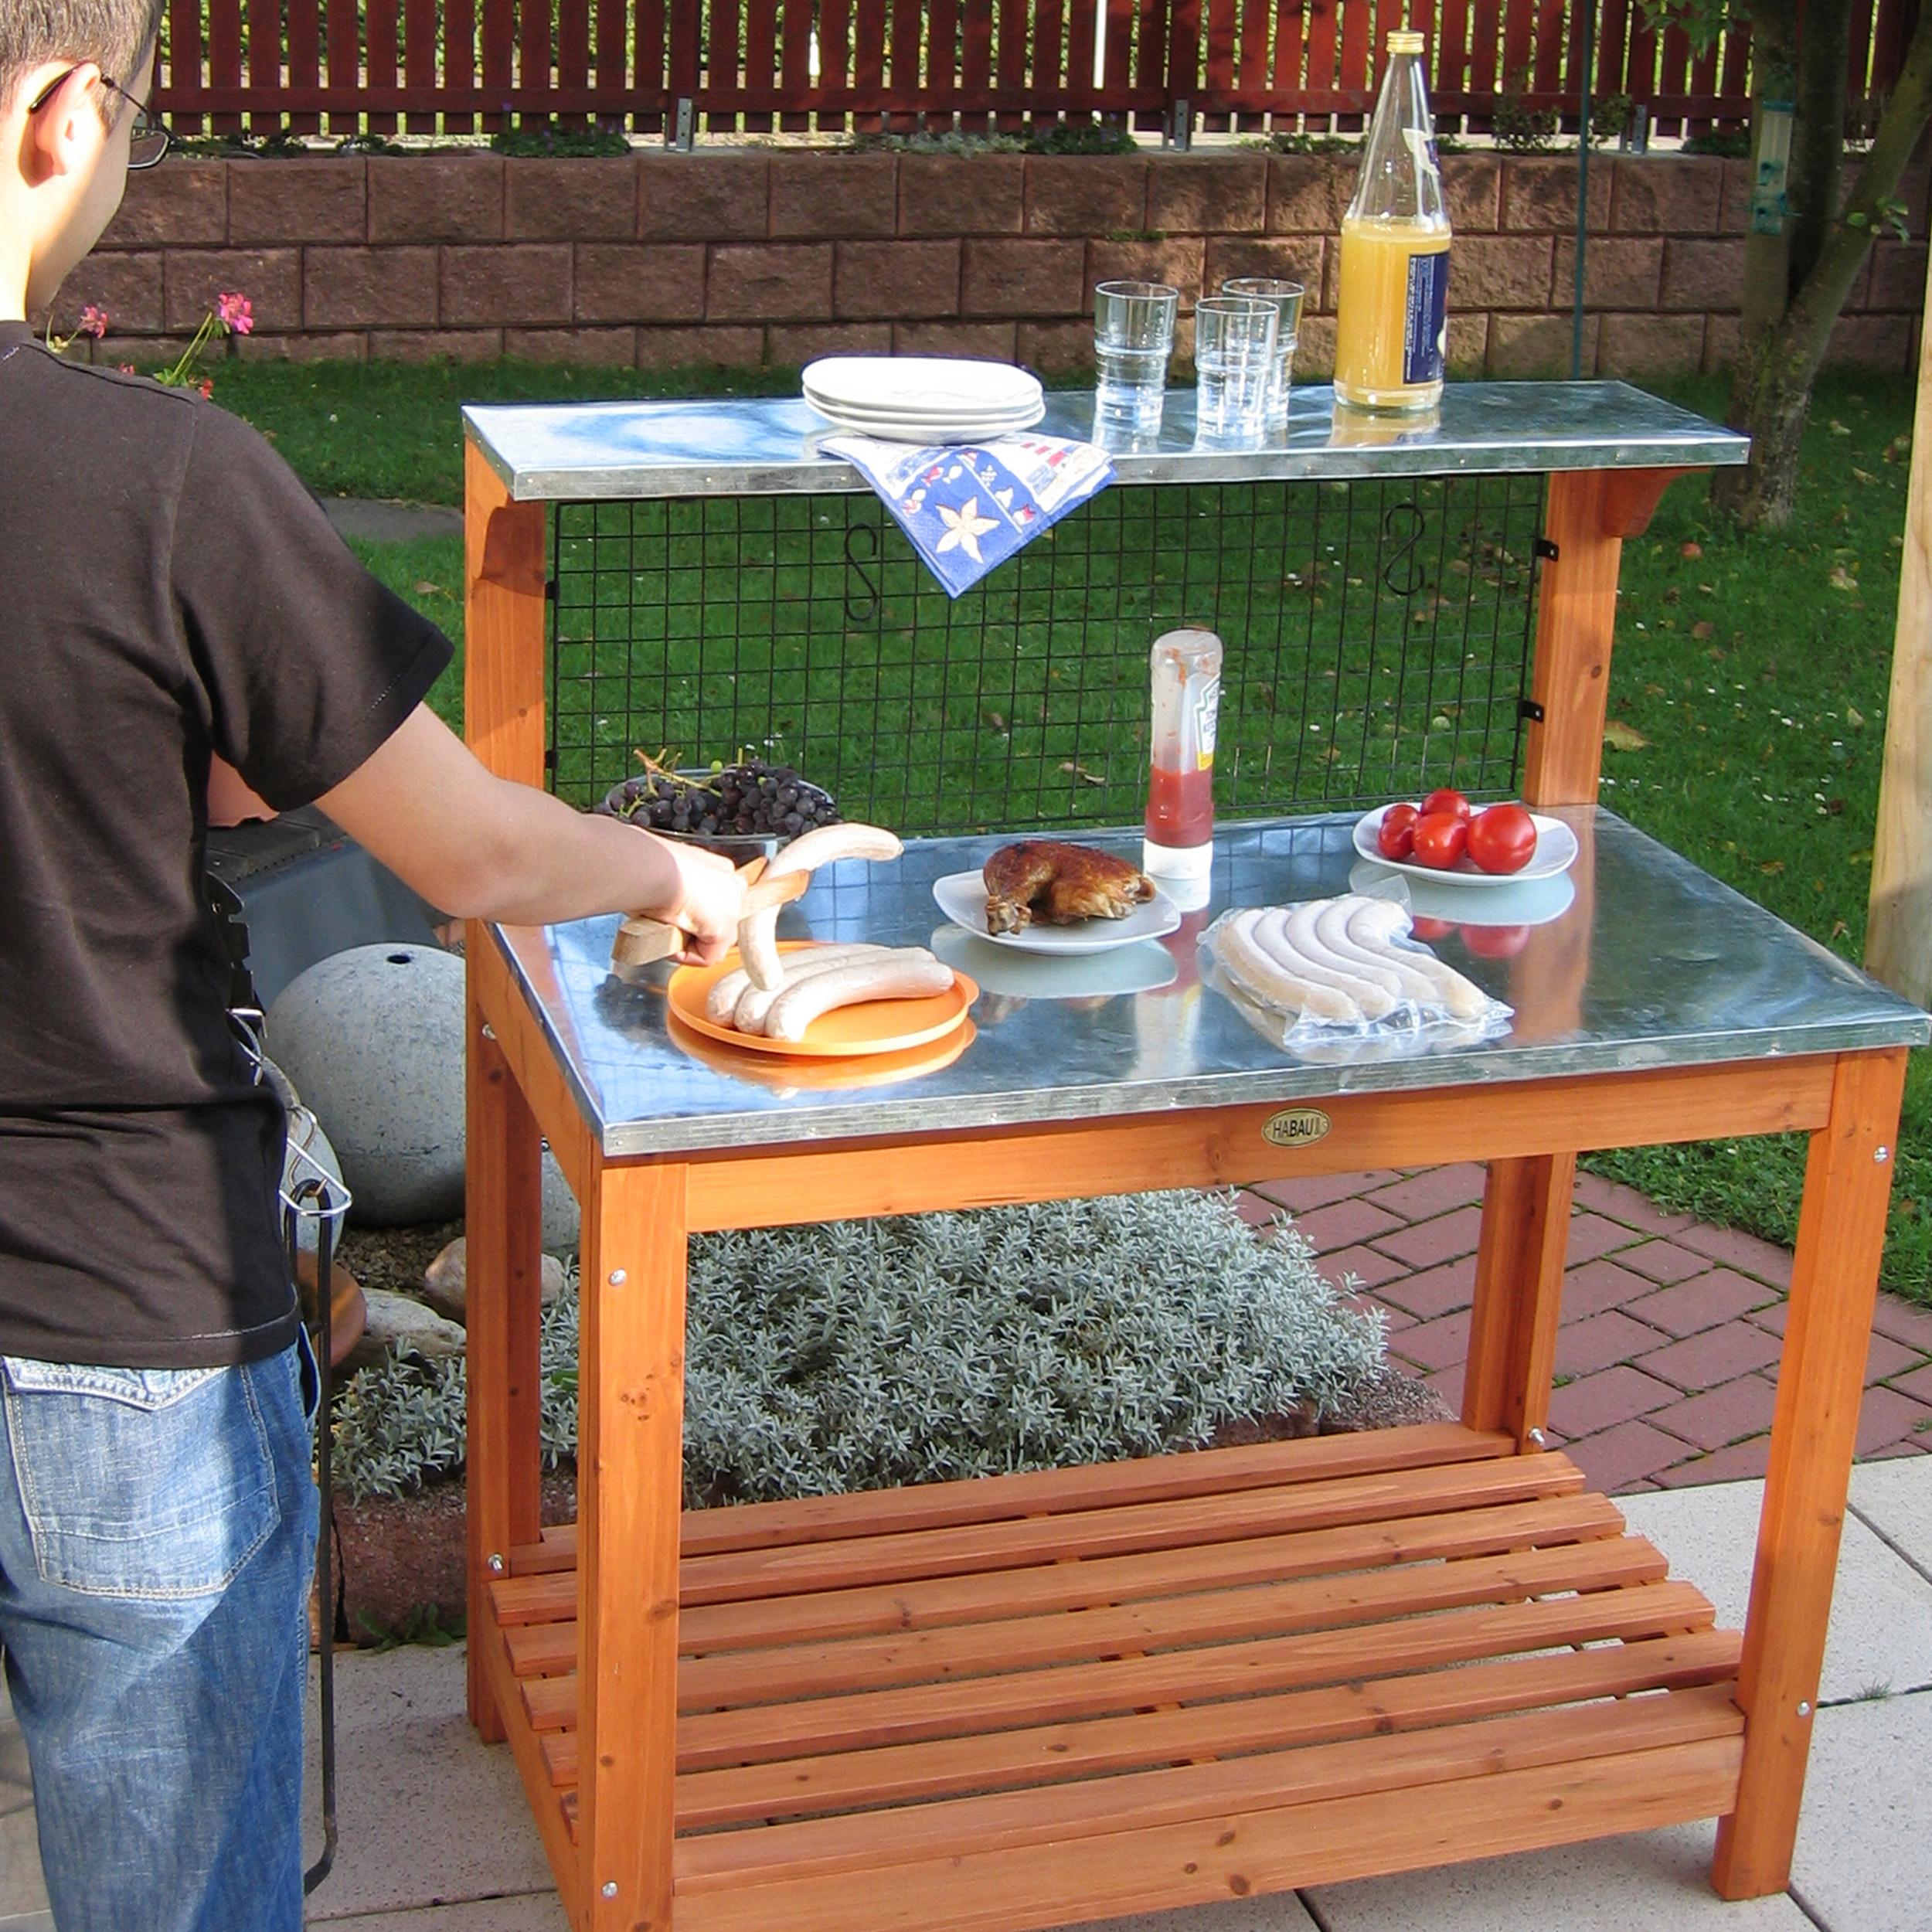 HABAU Gartentisch 695, Anwendungsbeispiel zum Grillen